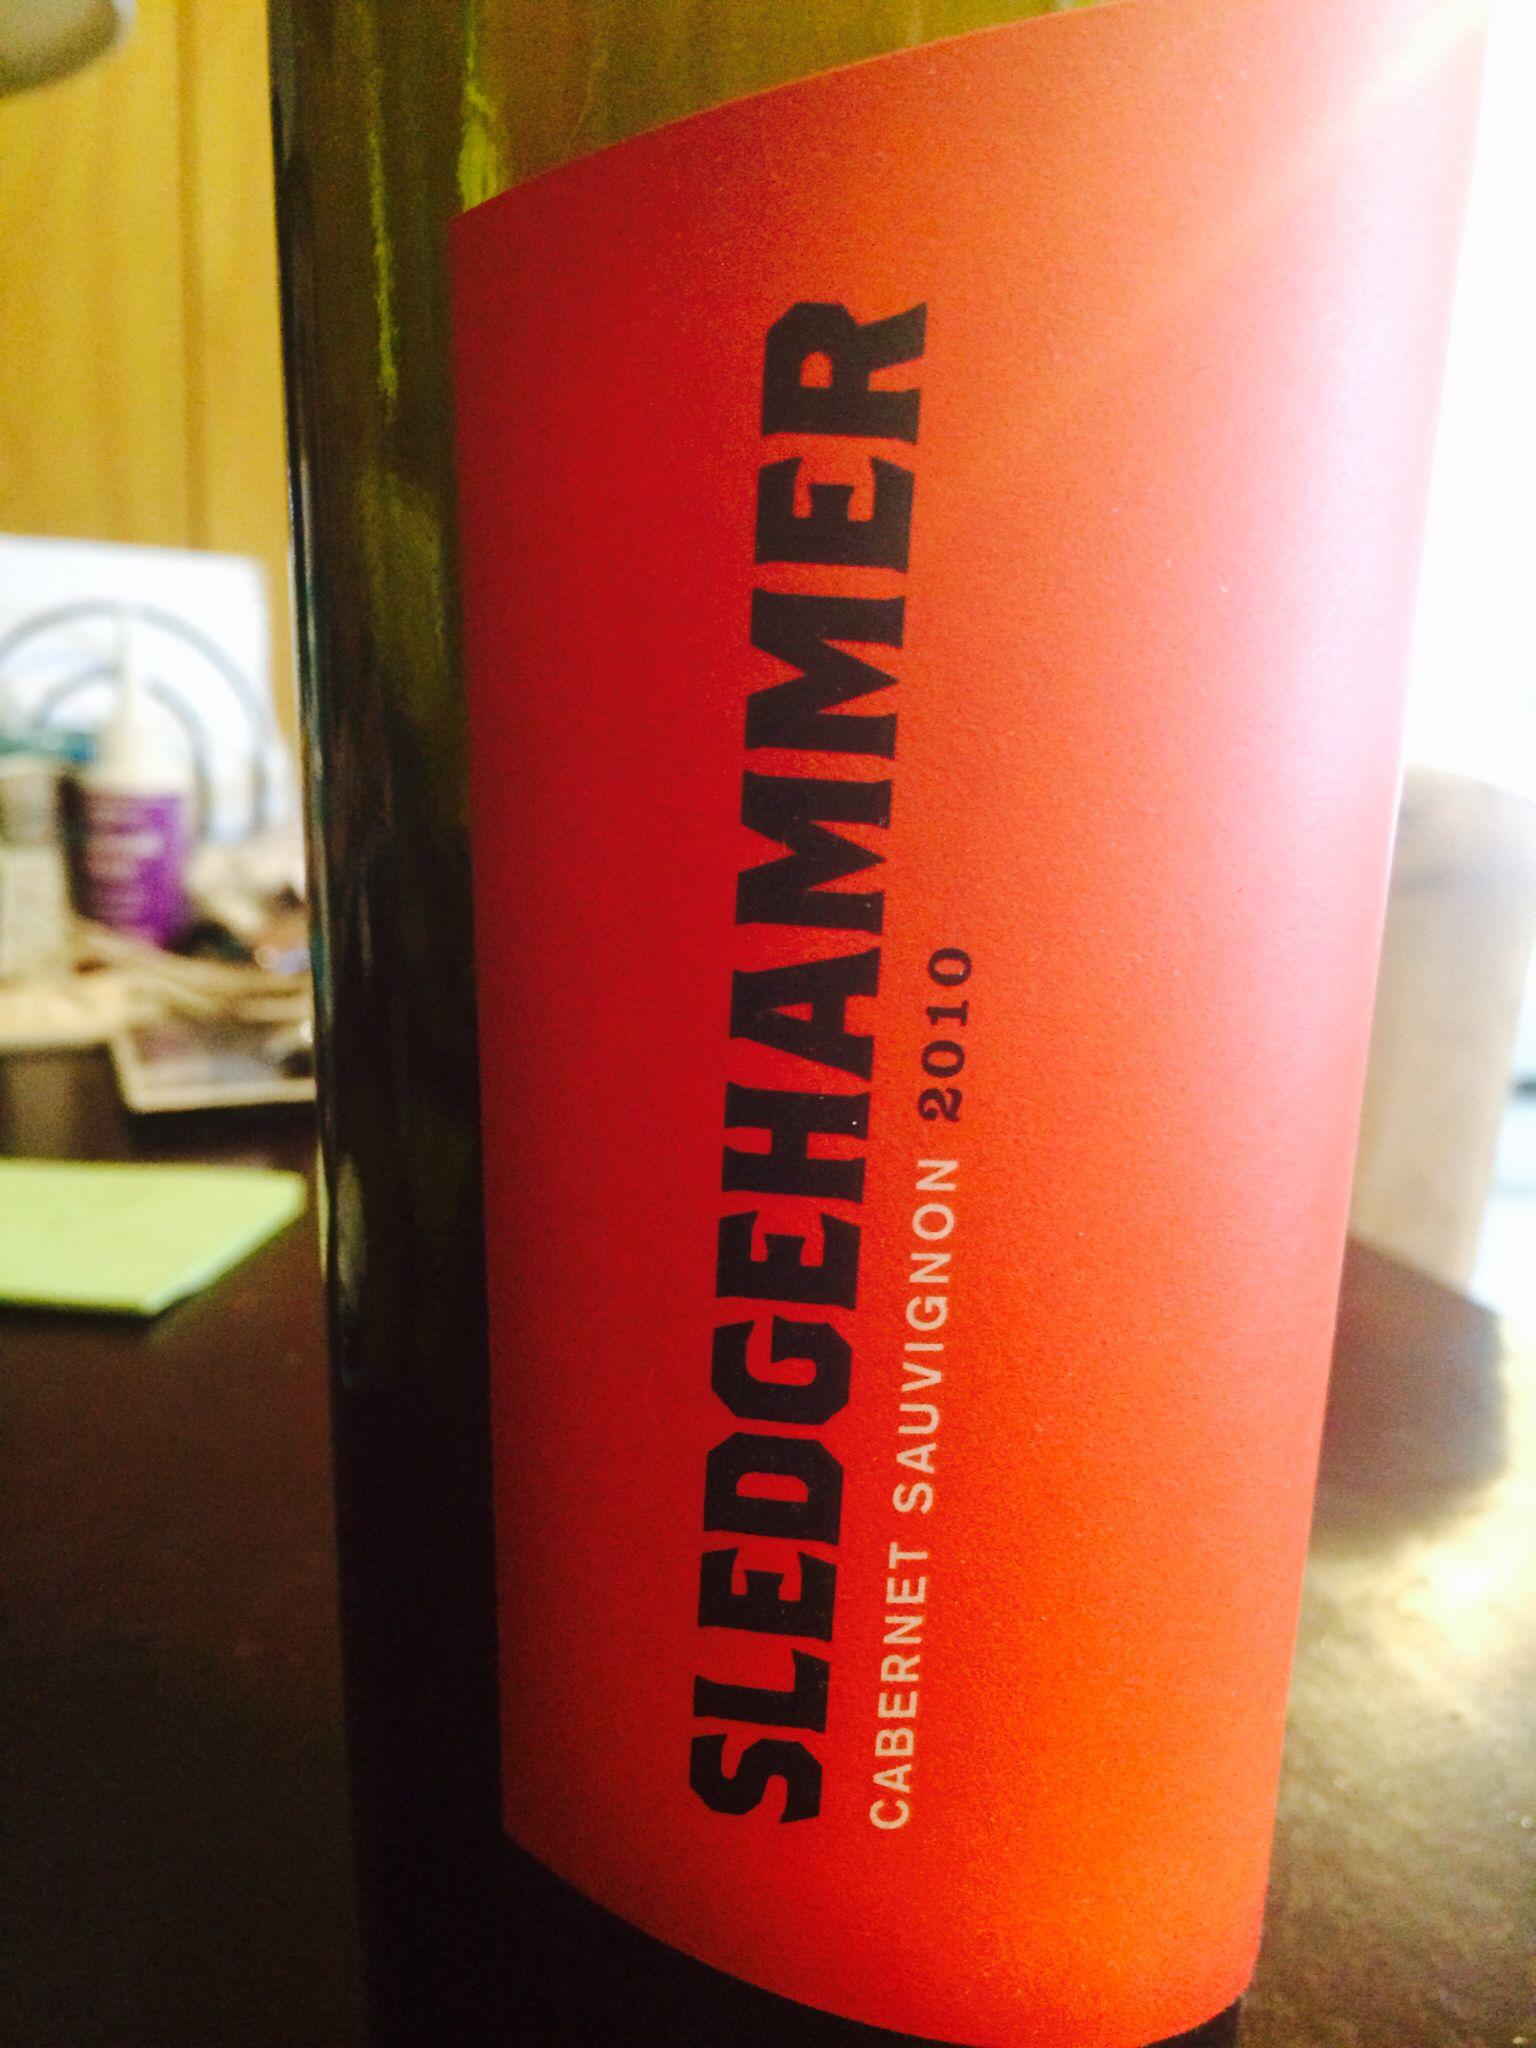 Sledgehammer Wine Label Wine Label Red Bull Energy Drinks